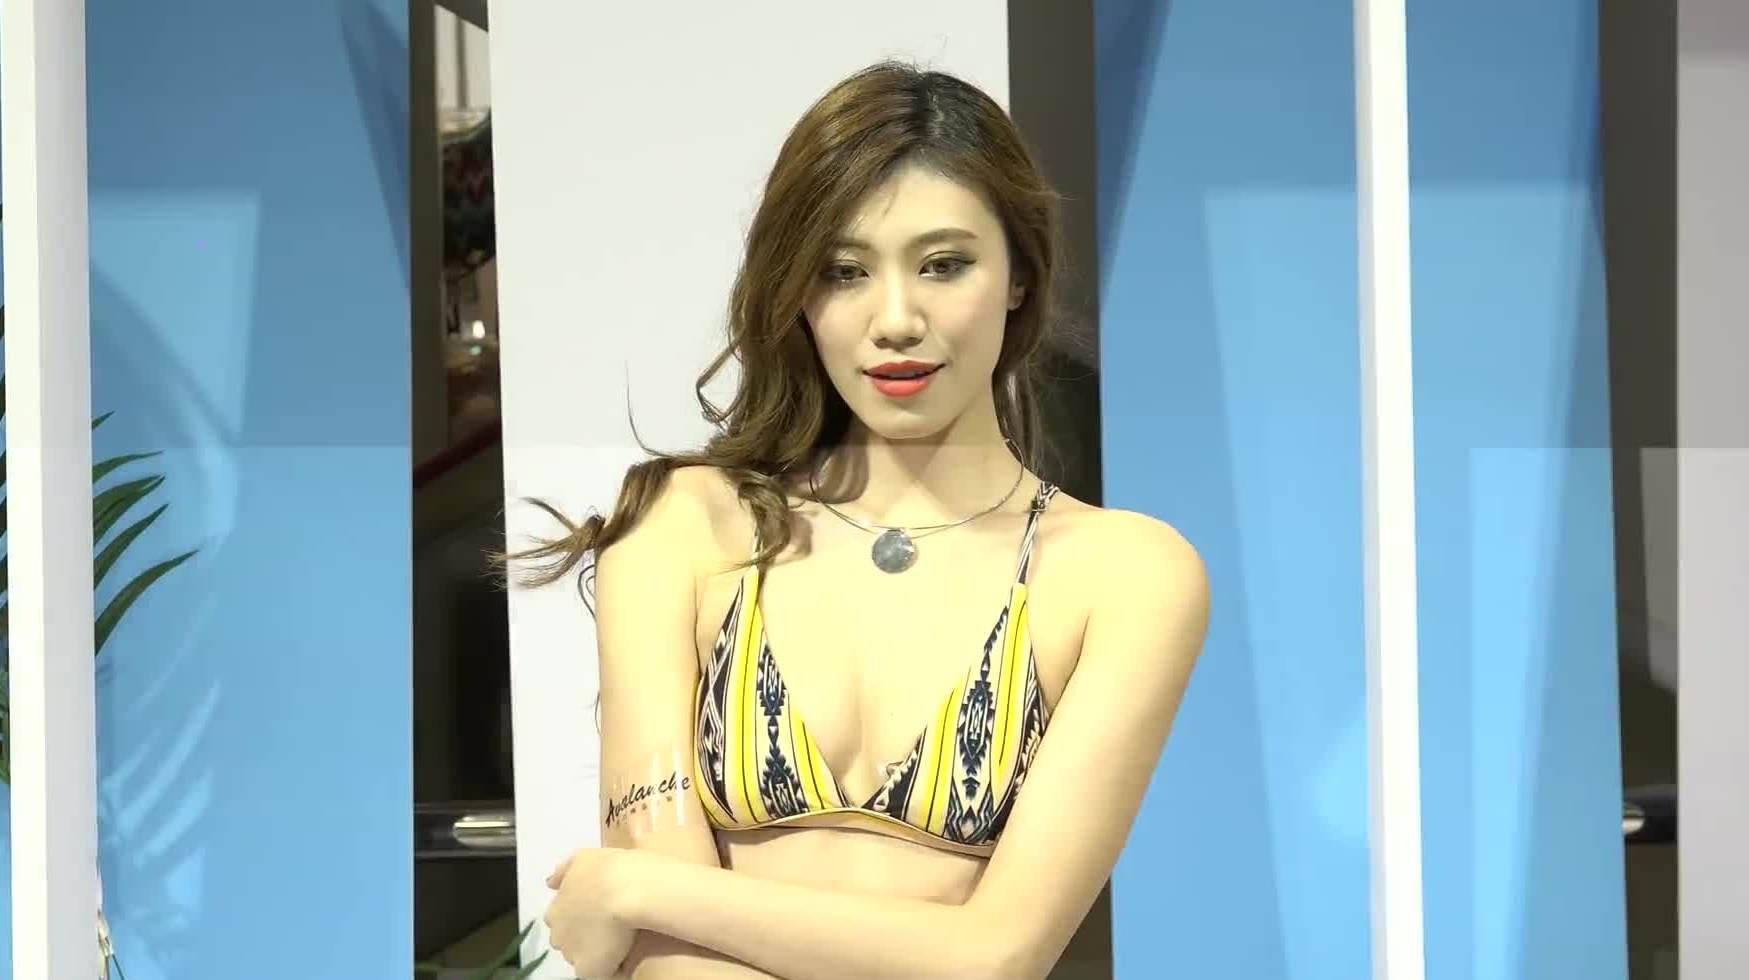 国模美屄_aboard亚洲时装秀:气质国模身材性感秀出曲线!美的让